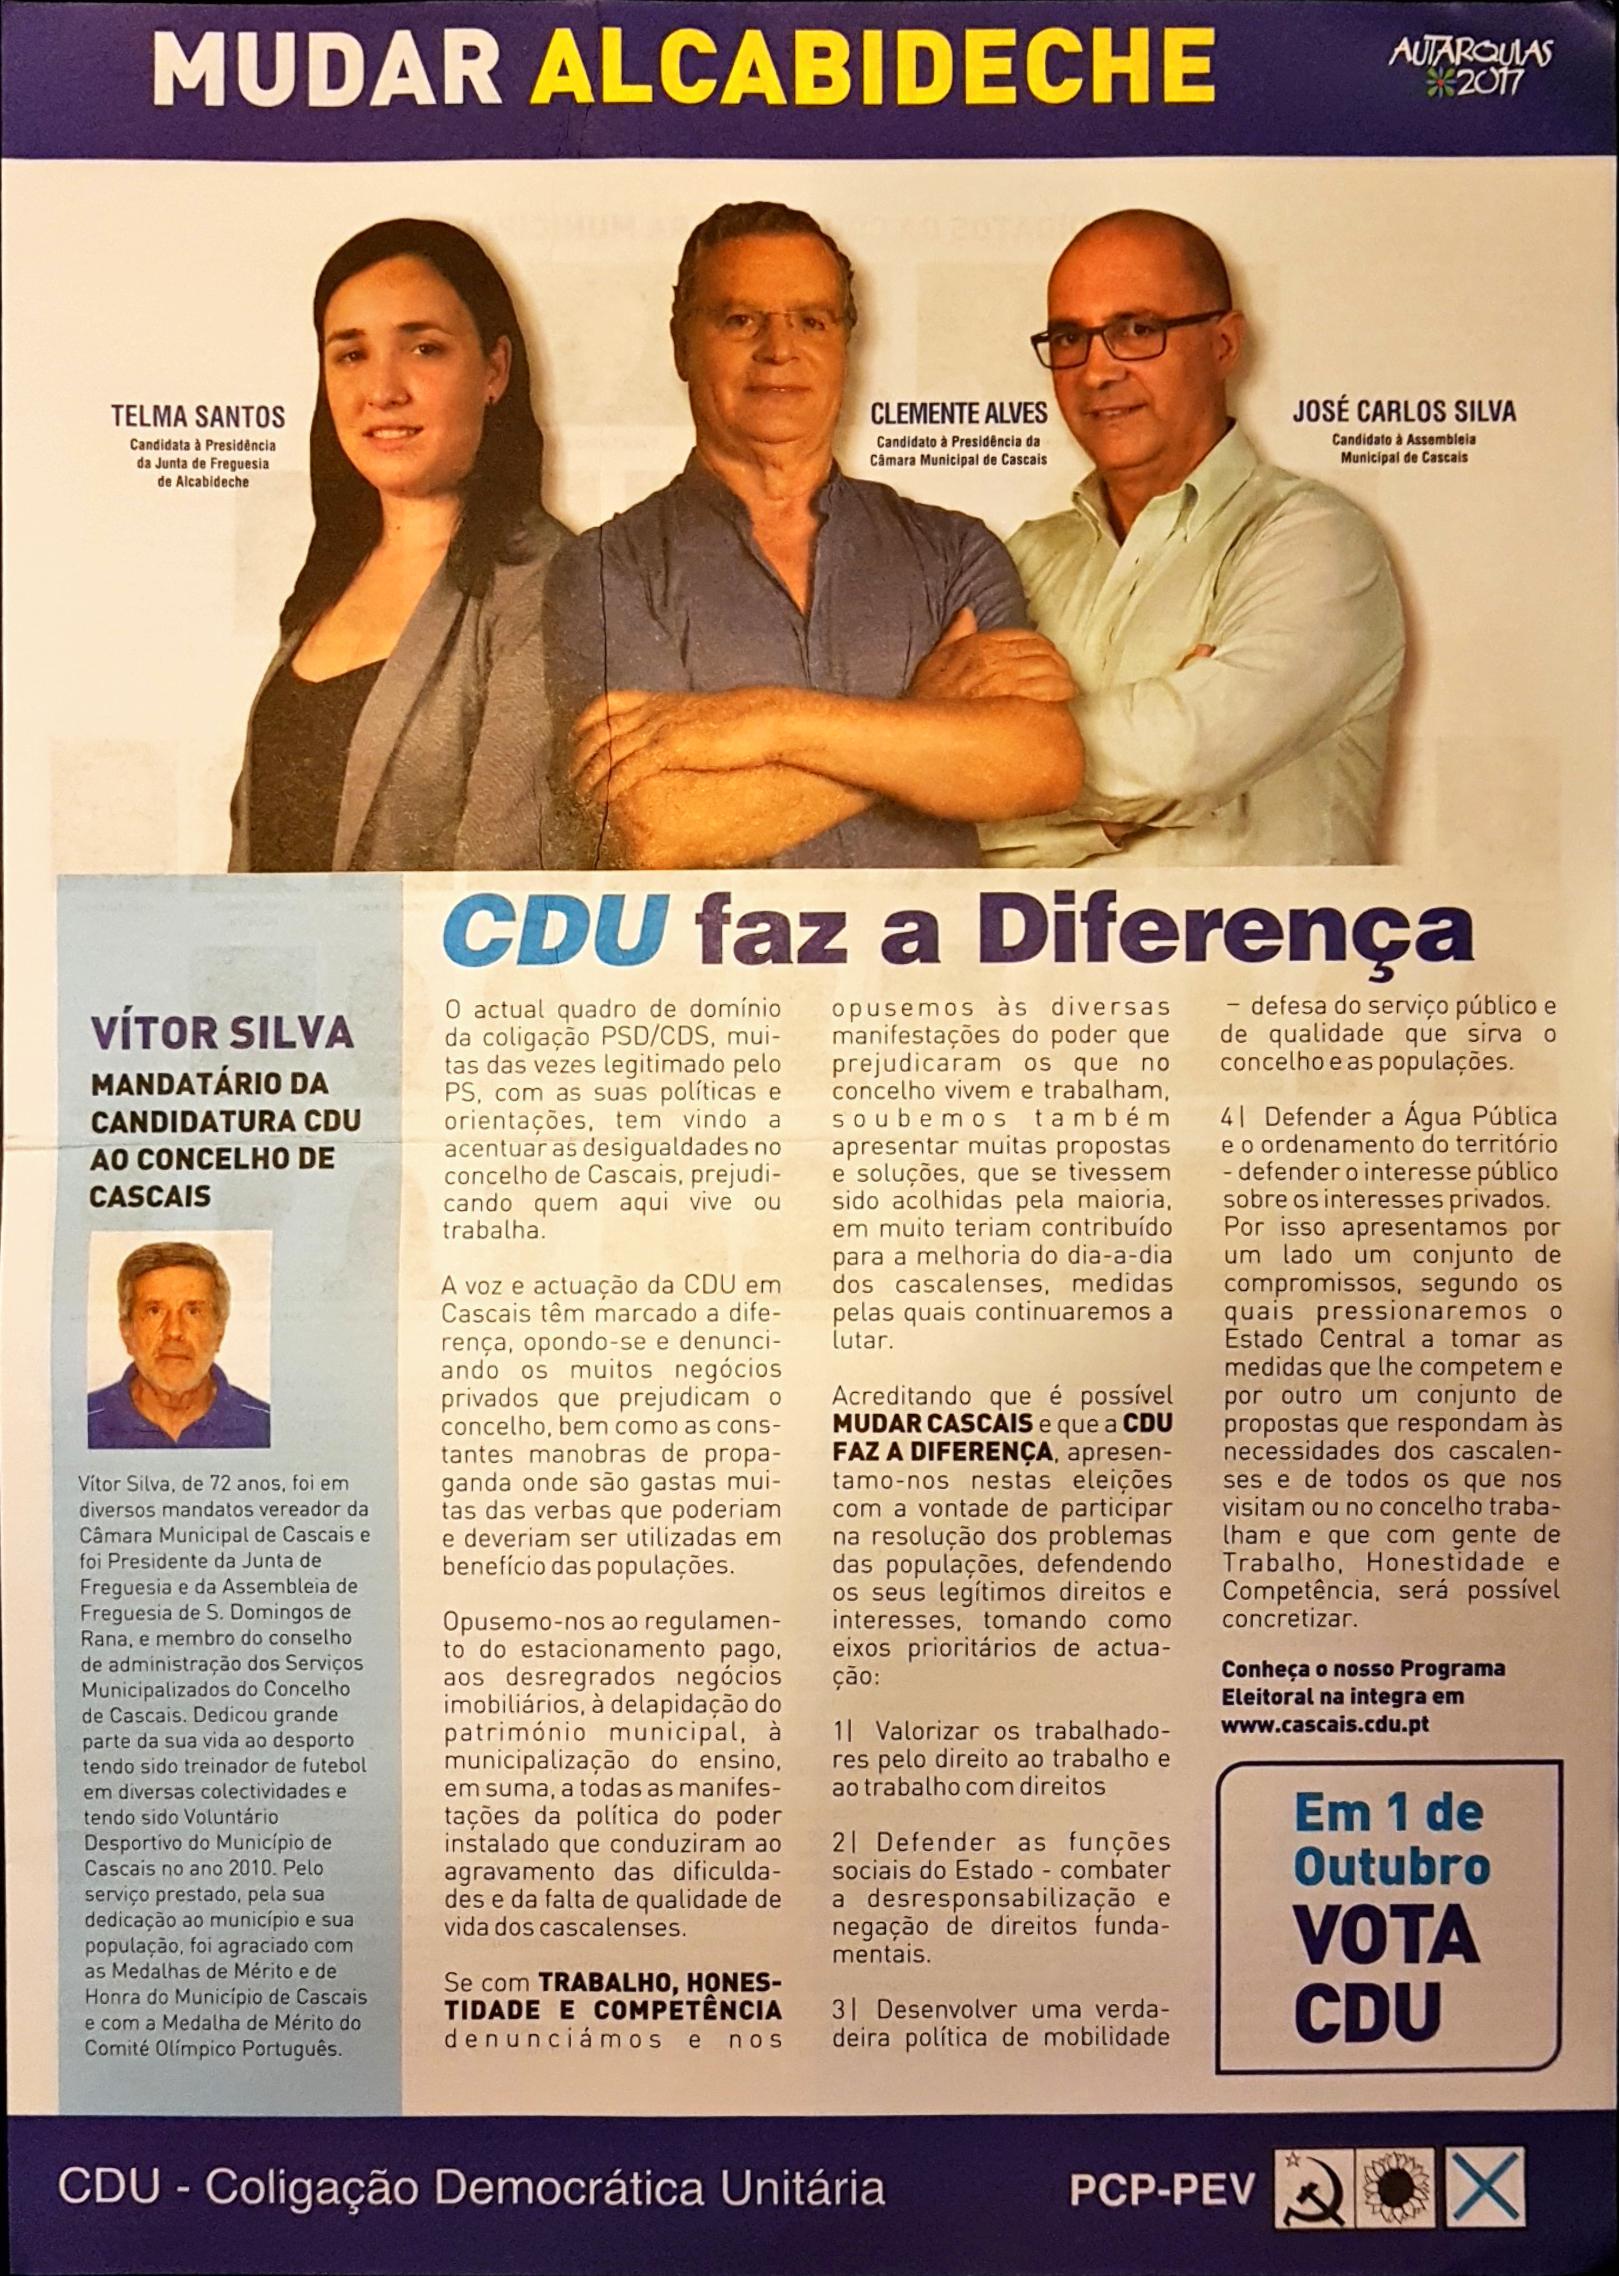 CDU_2017_Alcabideche